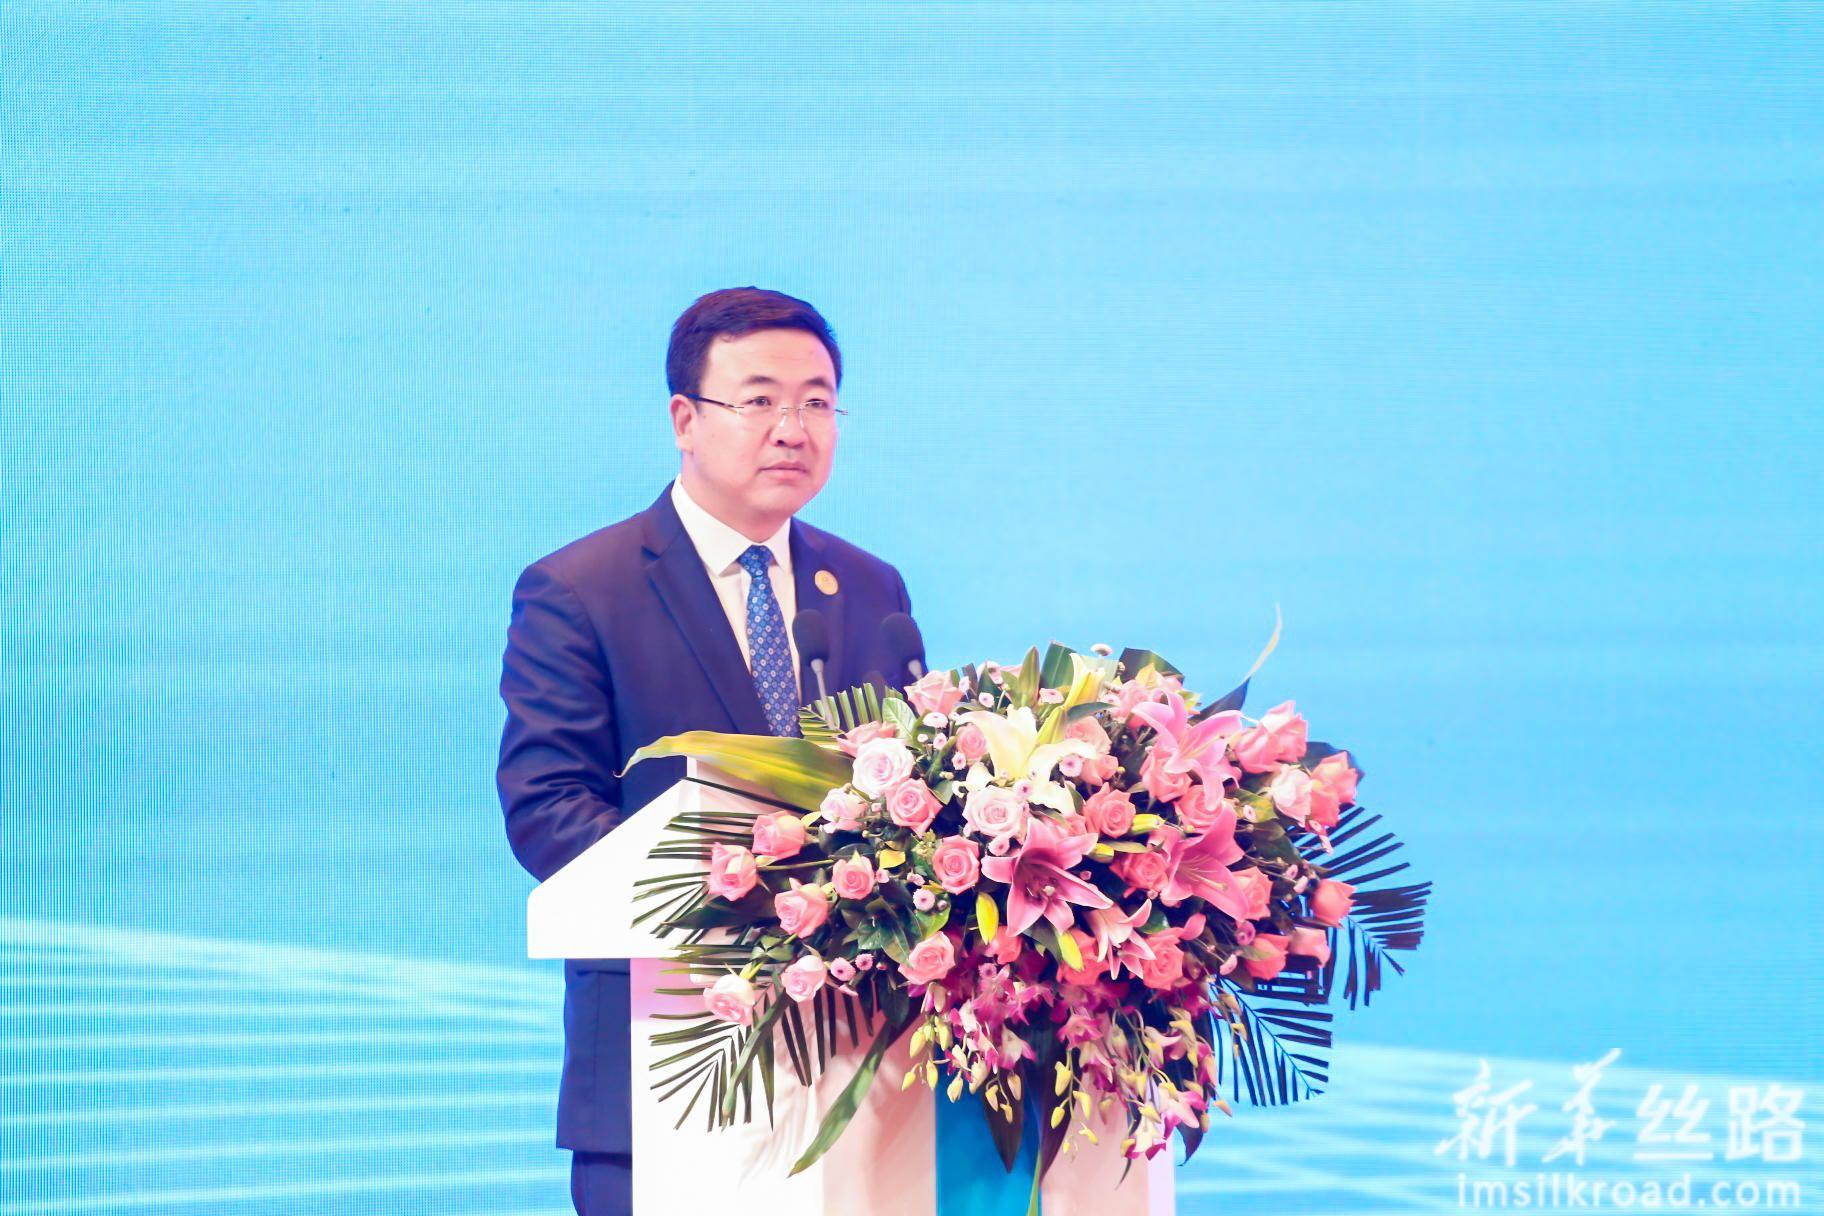 宁夏回族自治区人民政府办公厅副主任范锐君主持峰会。